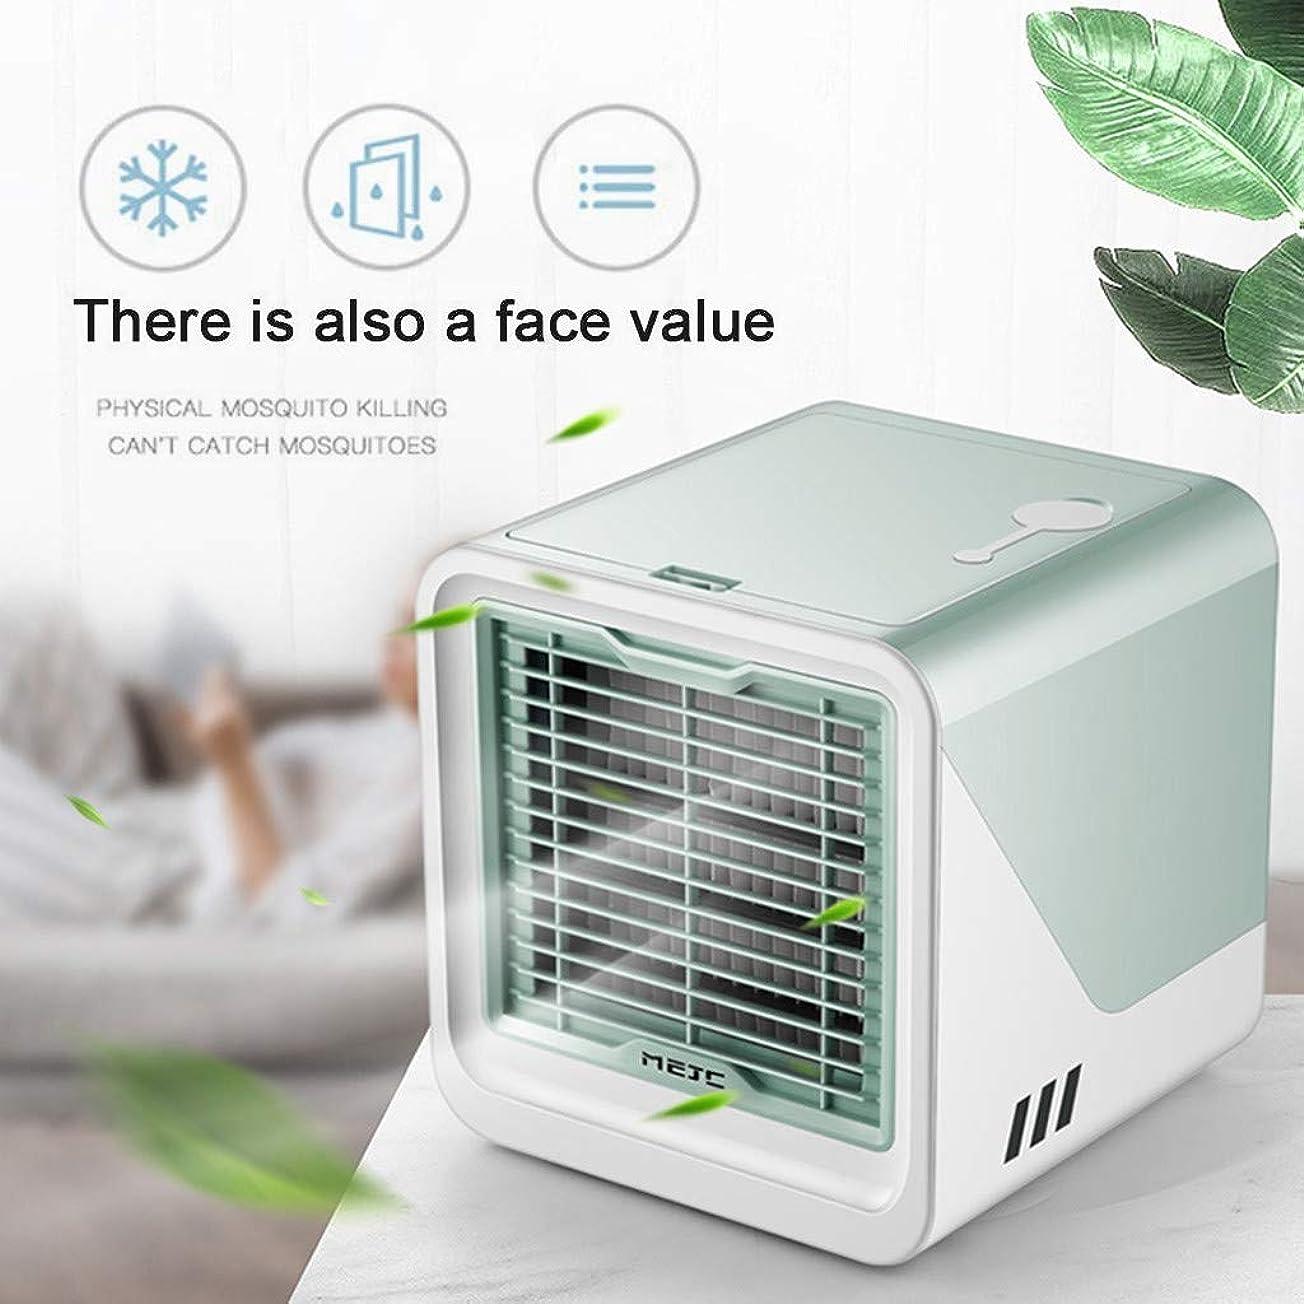 引き出し不足指オフィス用ホームエアコンファン、ポータブルミニUSBデスクトップテーブル冷却ファン超静かウォーターキューブ蒸発クーラー、3ファンスピード、多色ナイトライト(グリーン) (Color : Green)